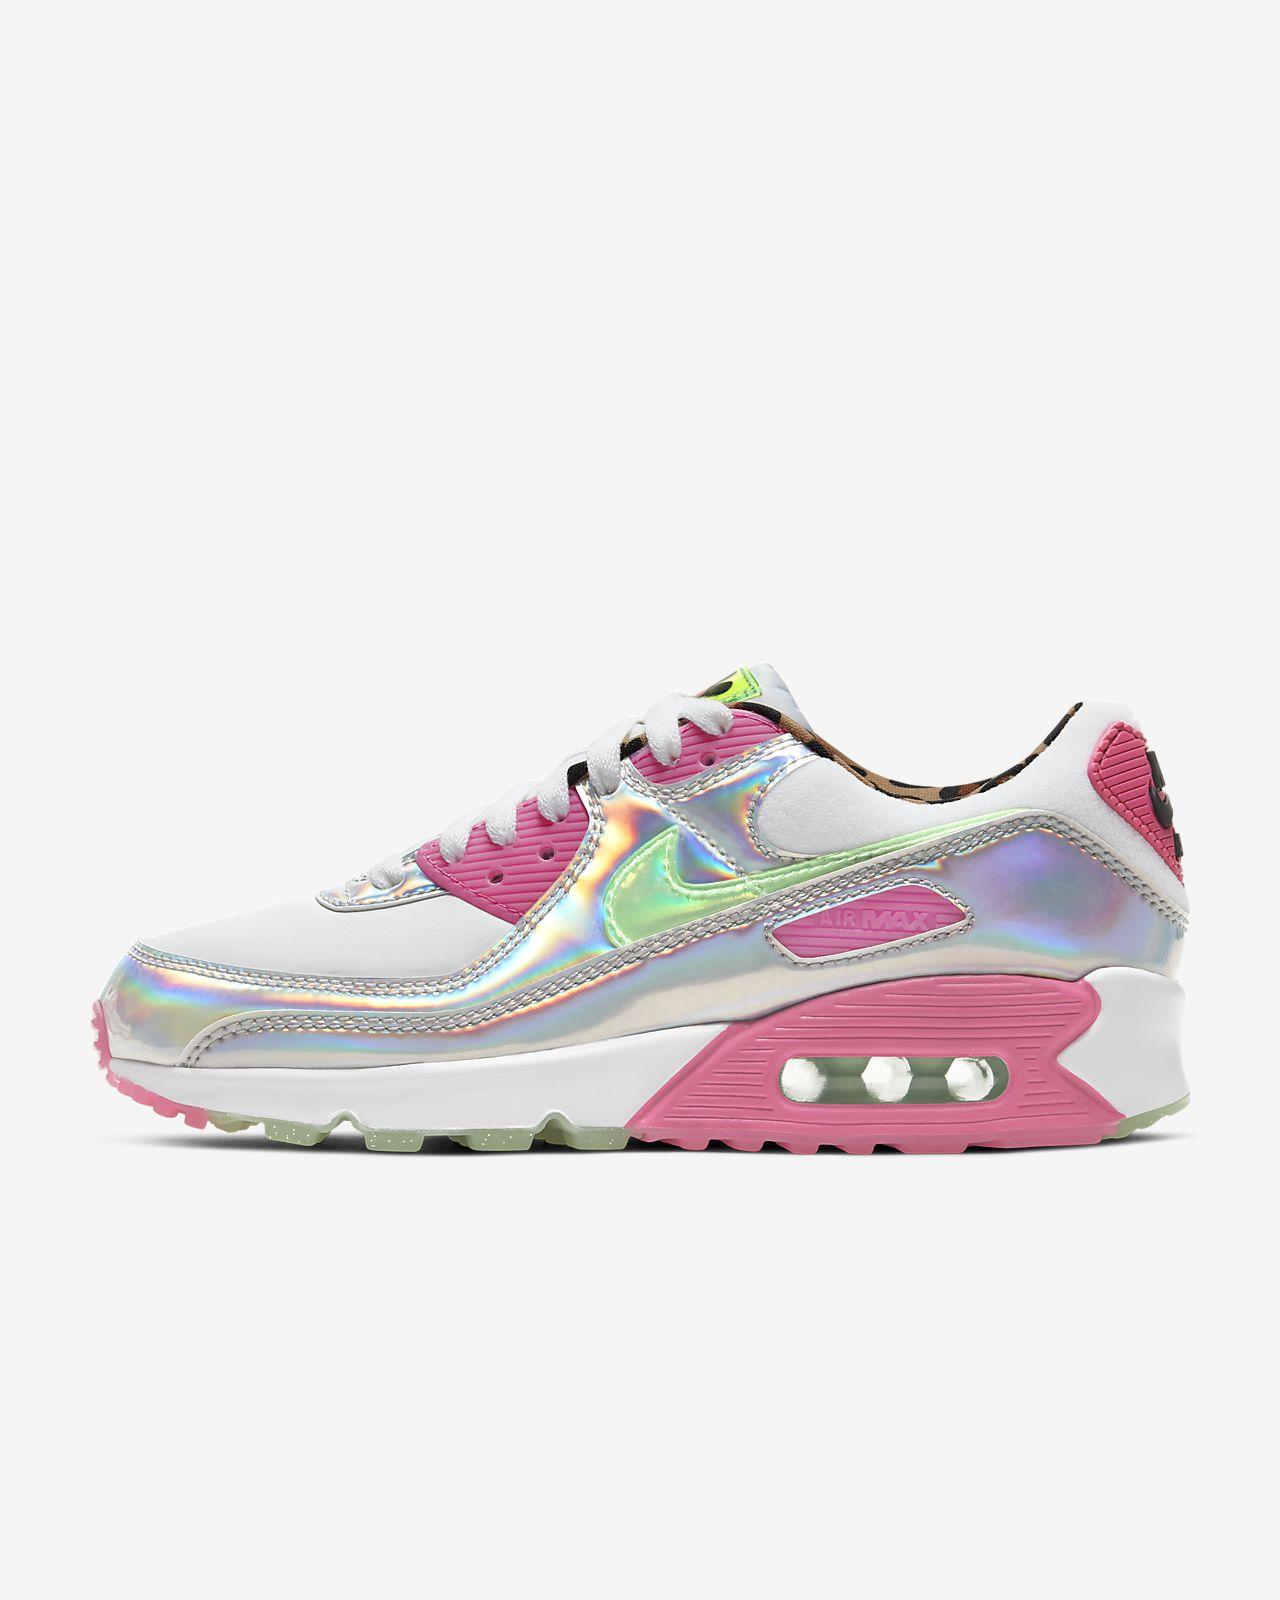 Nike Air Max 90 LX-sko til kvinder